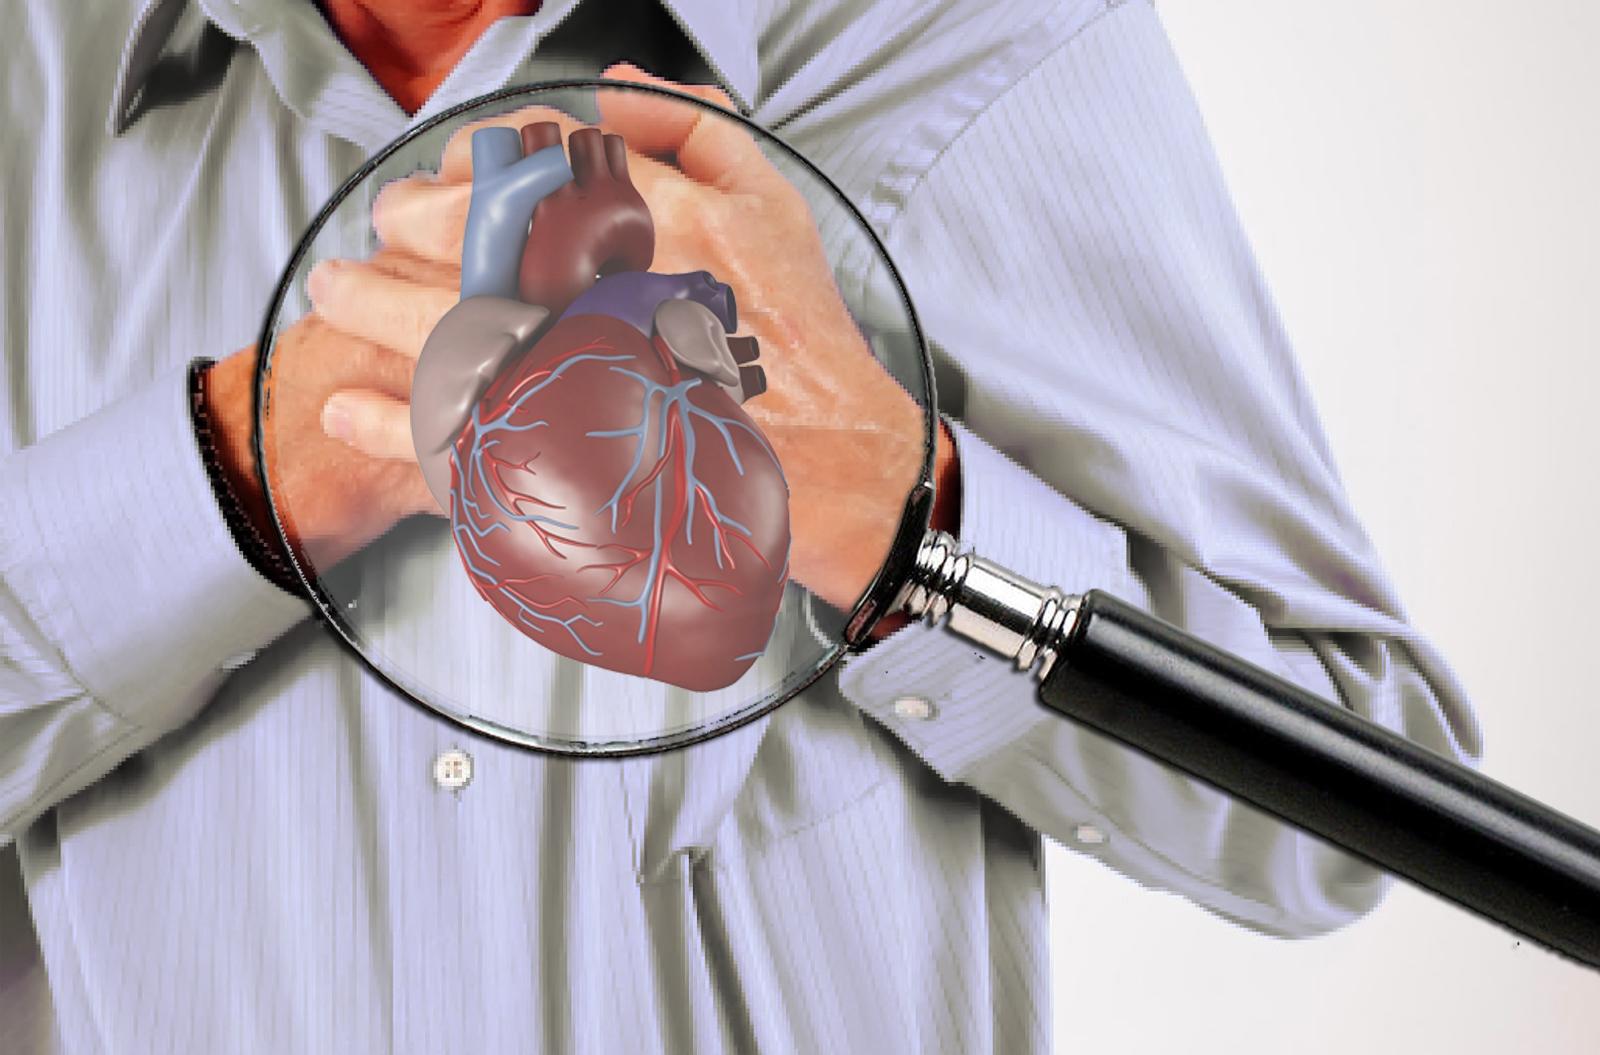 Hasil gambar untuk Ciri-Ciri Penyakit Aritmia Jantung Yang Harus Anda Waspadai